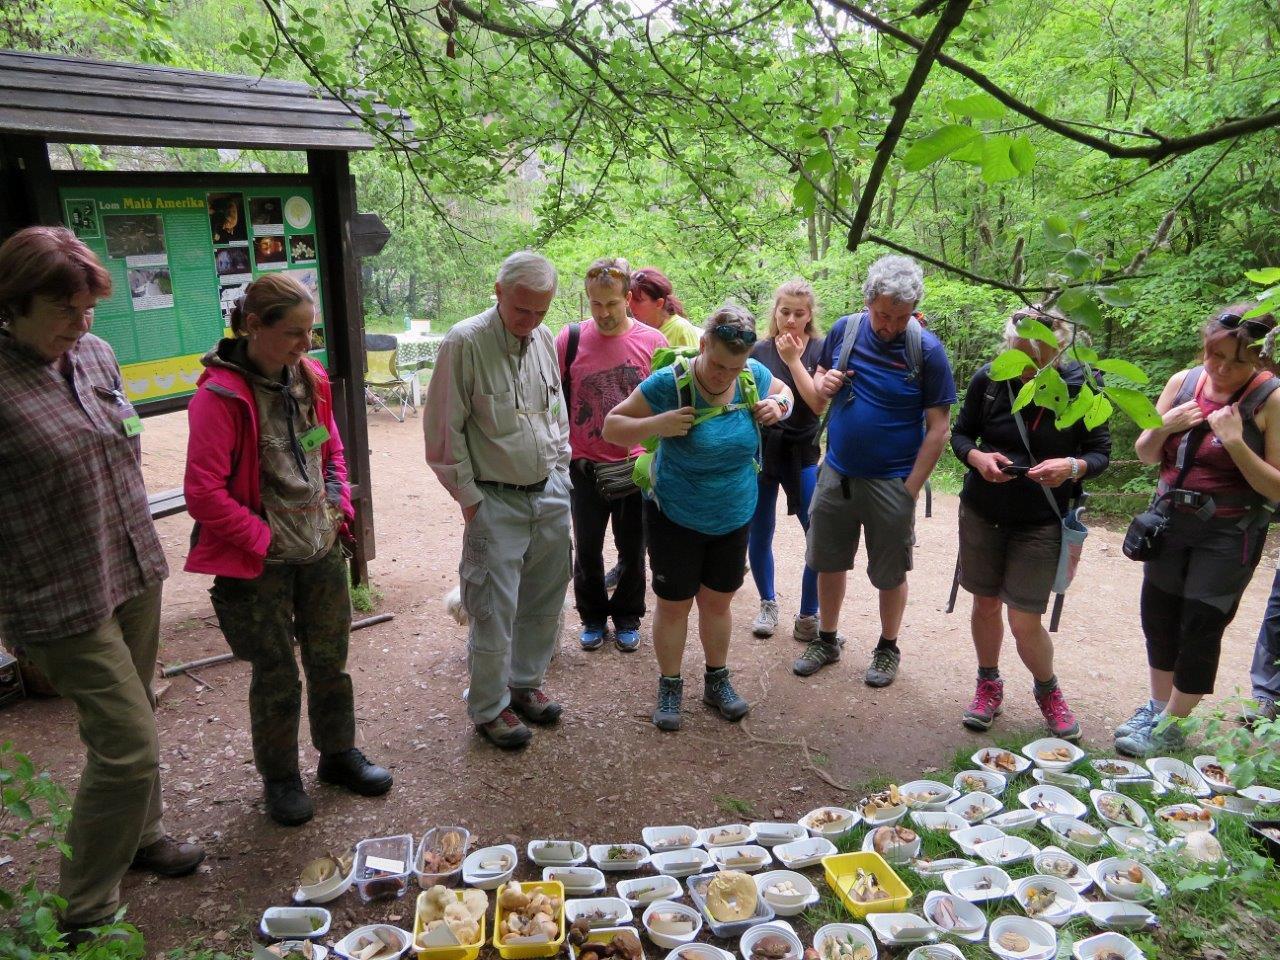 Diskuse nad houbami - foto: Lubomír Opat